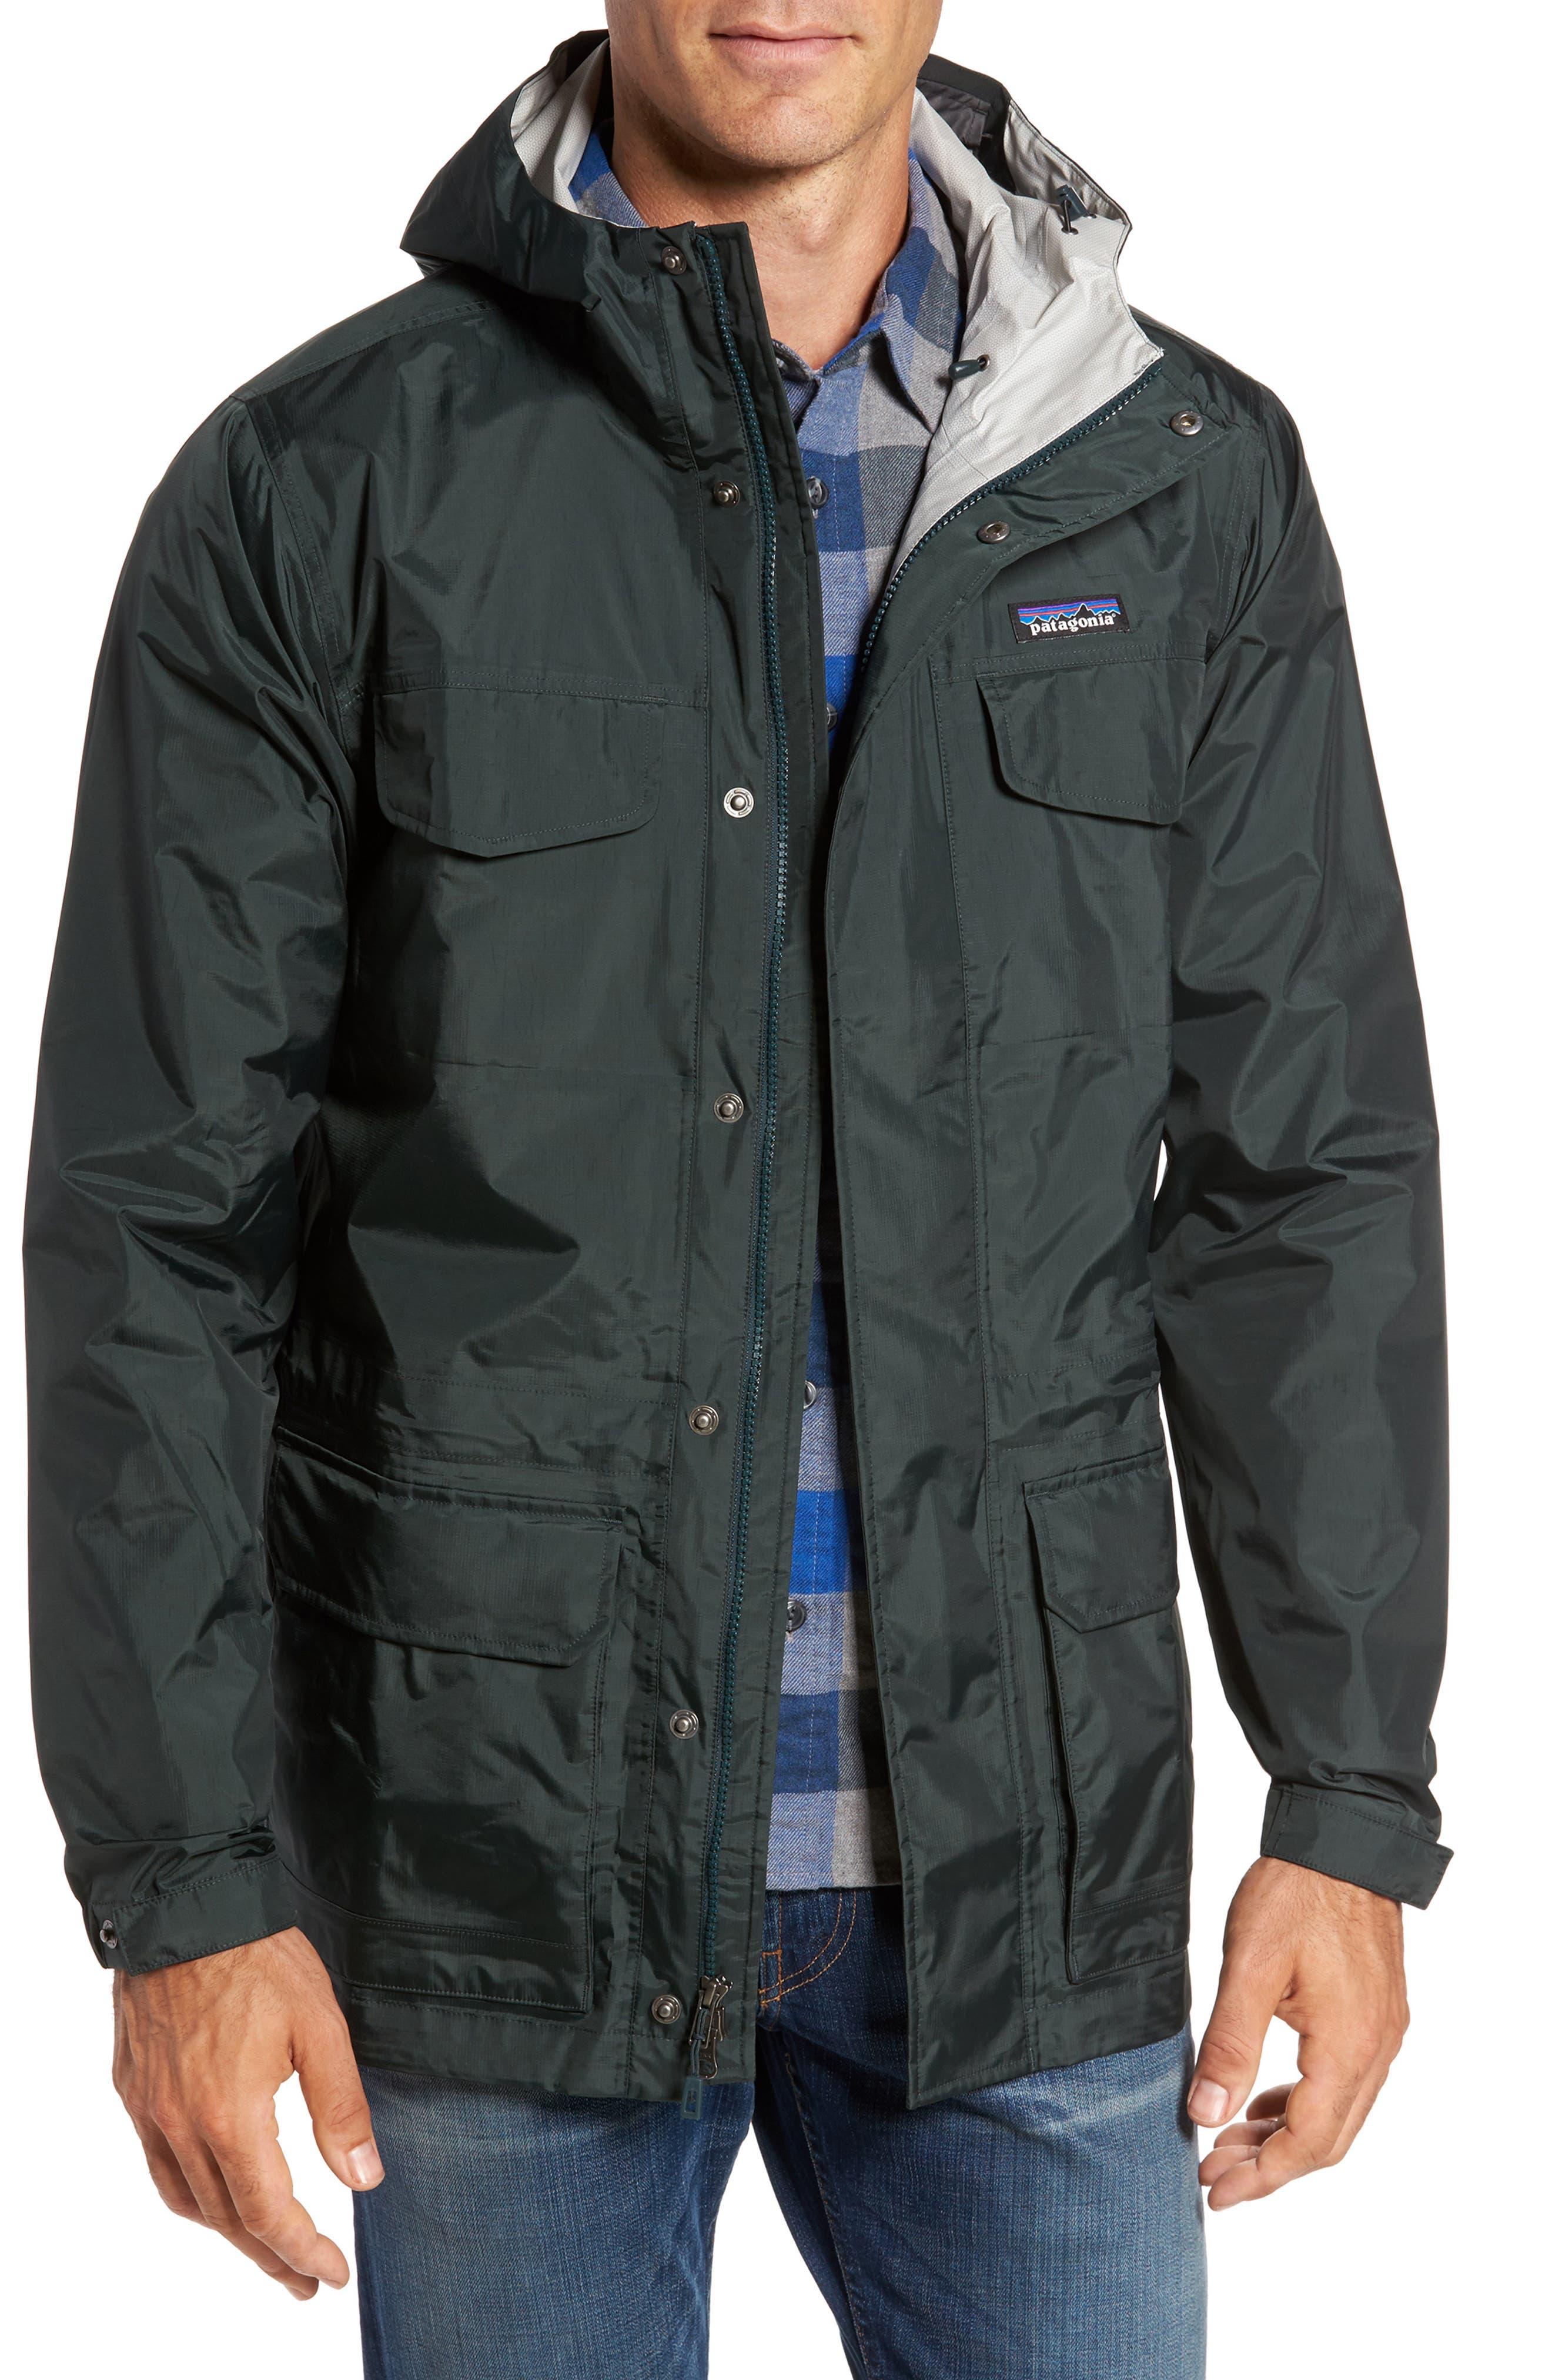 Alternate Image 1 Selected - Patagonia Torrentshell Waterproof Jacket